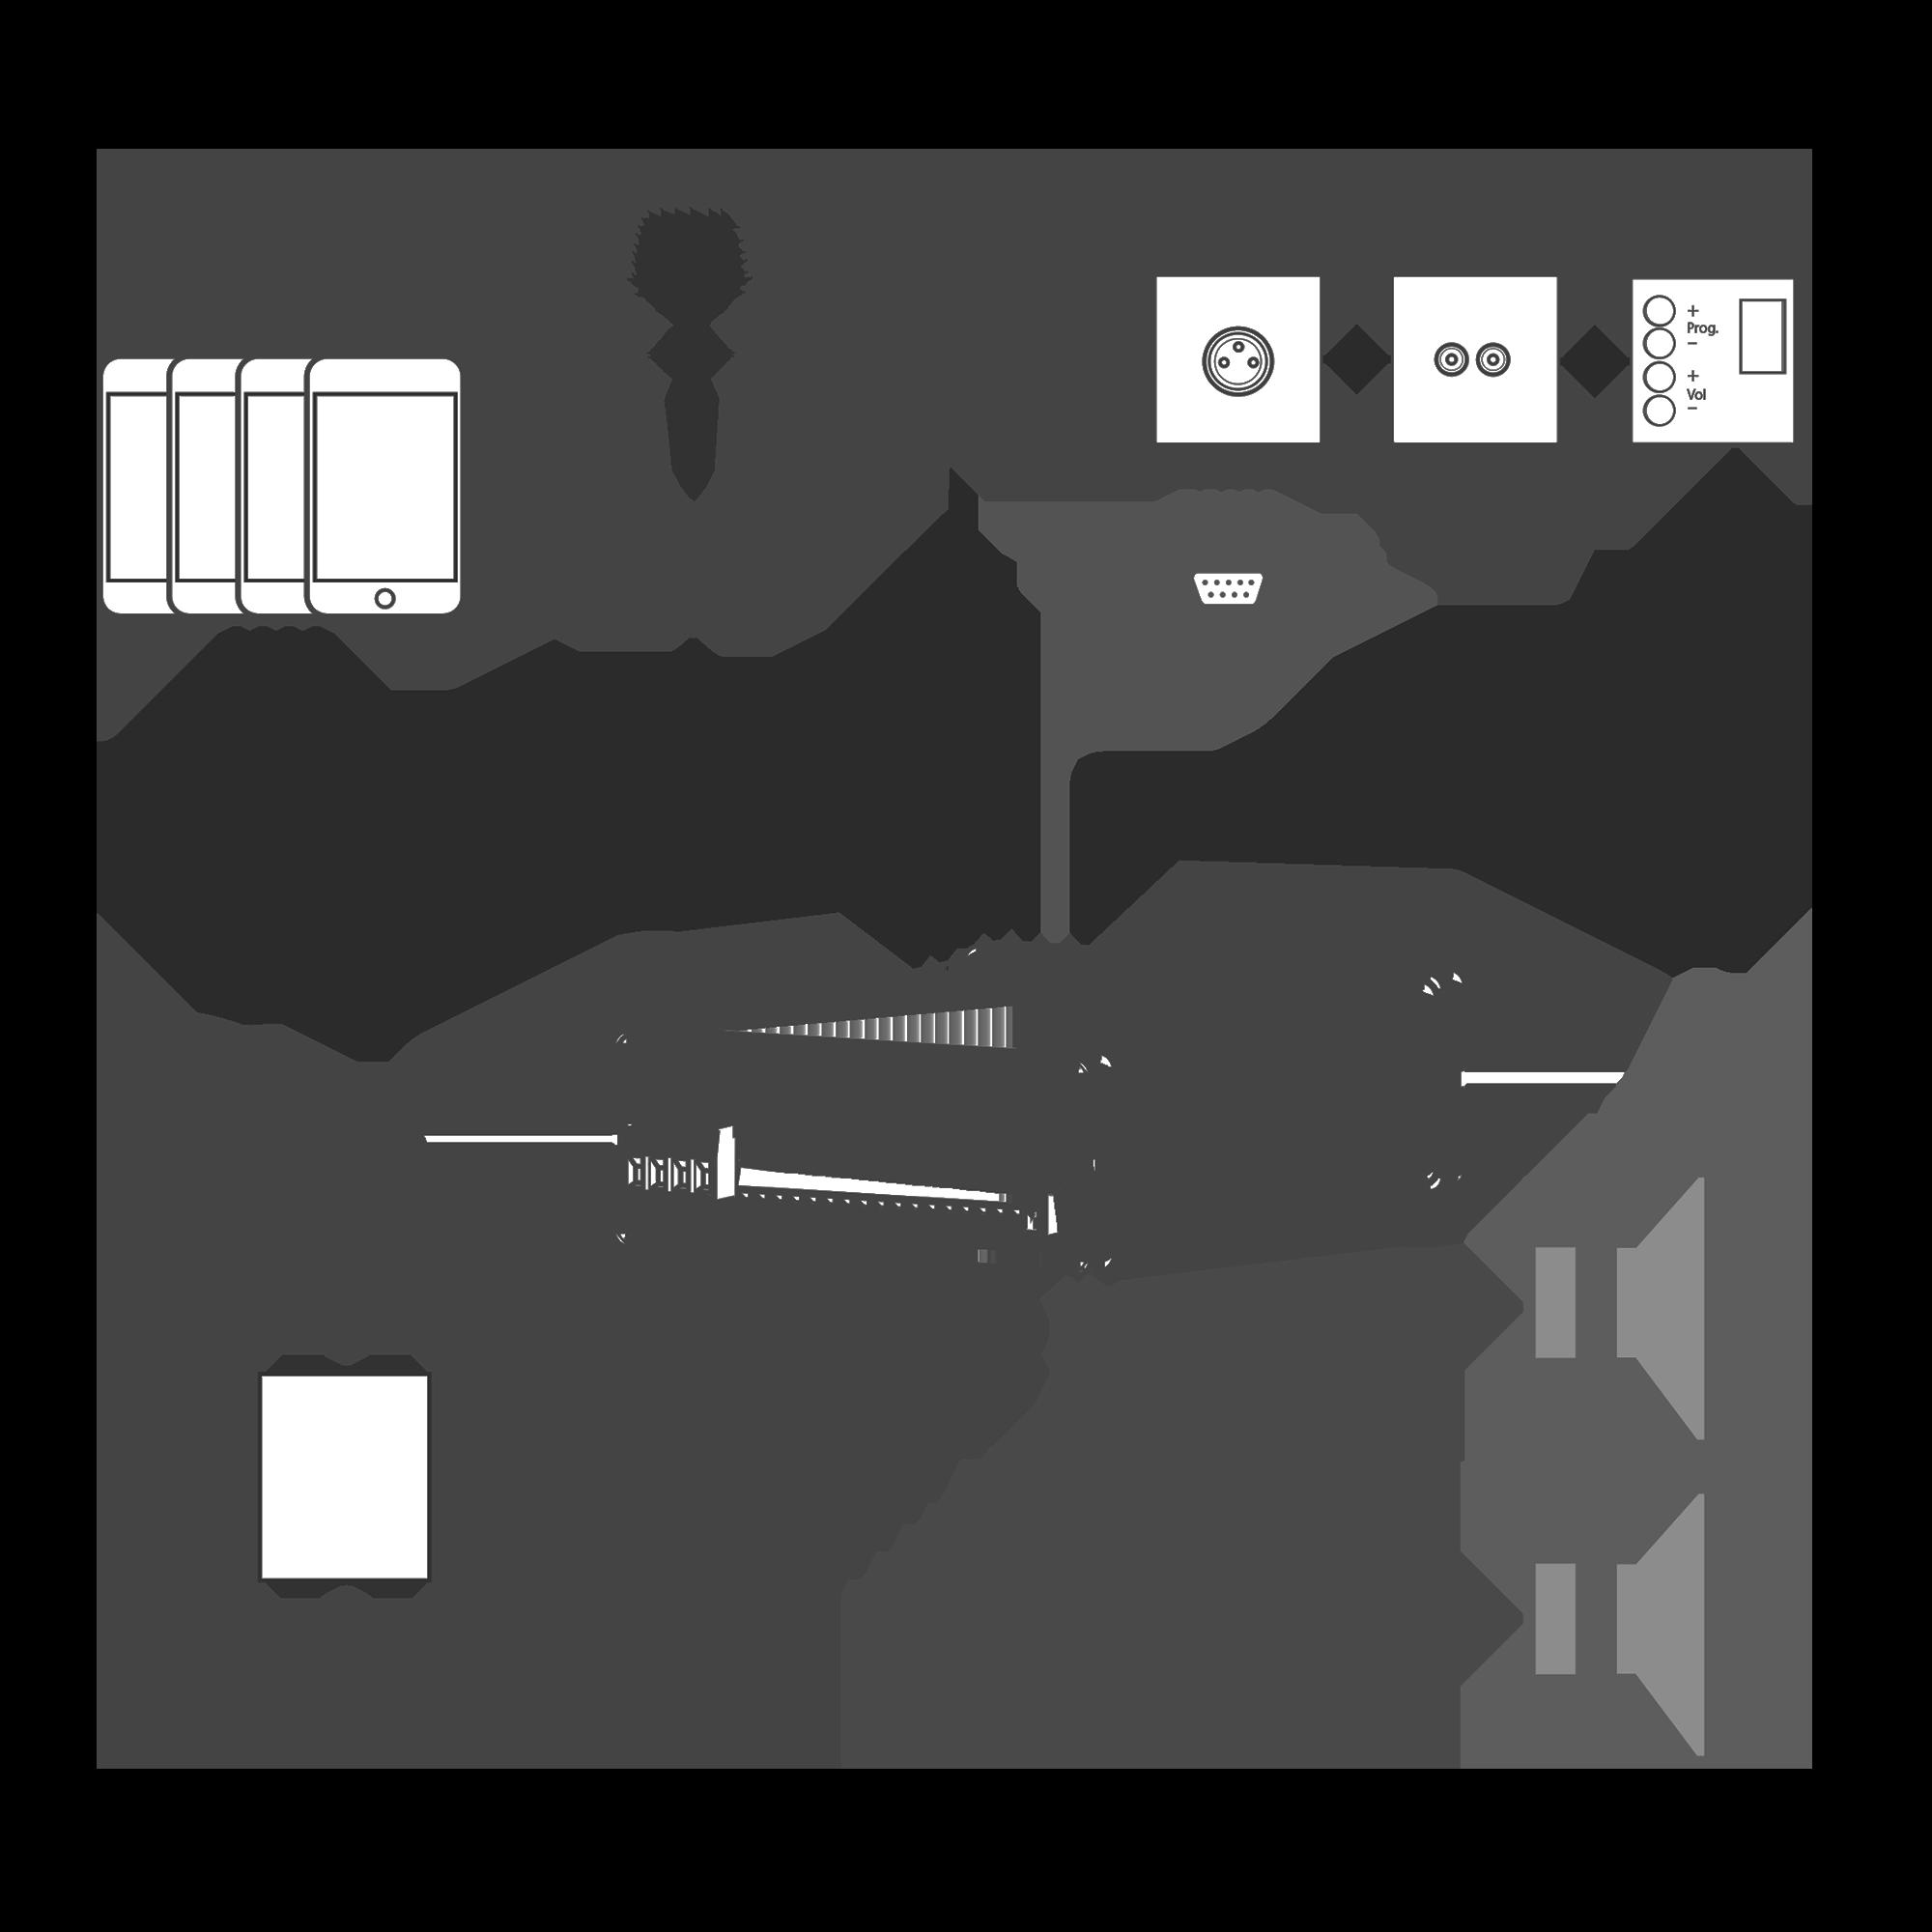 AMP523MK2 Audac AMP523 setup